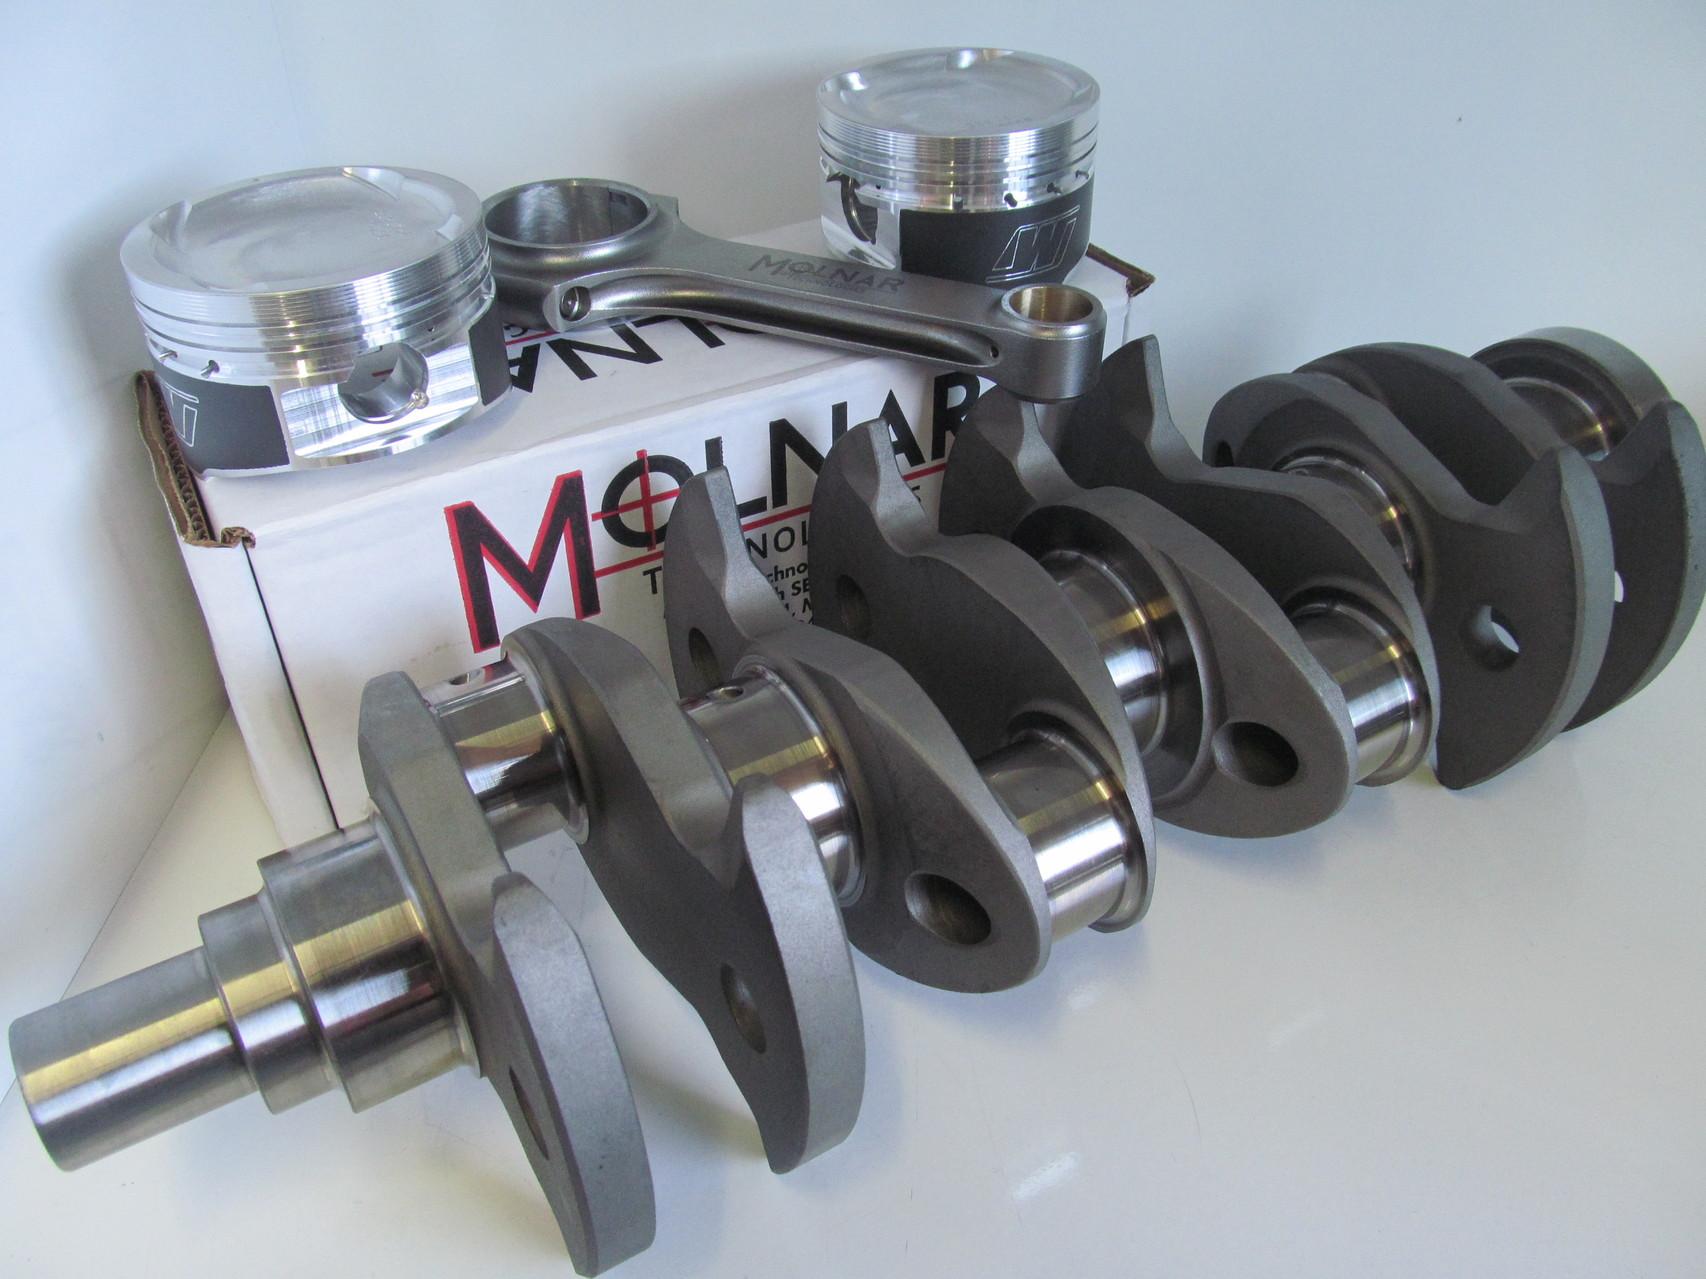 Molnar 4G63 2.2 stroker crank